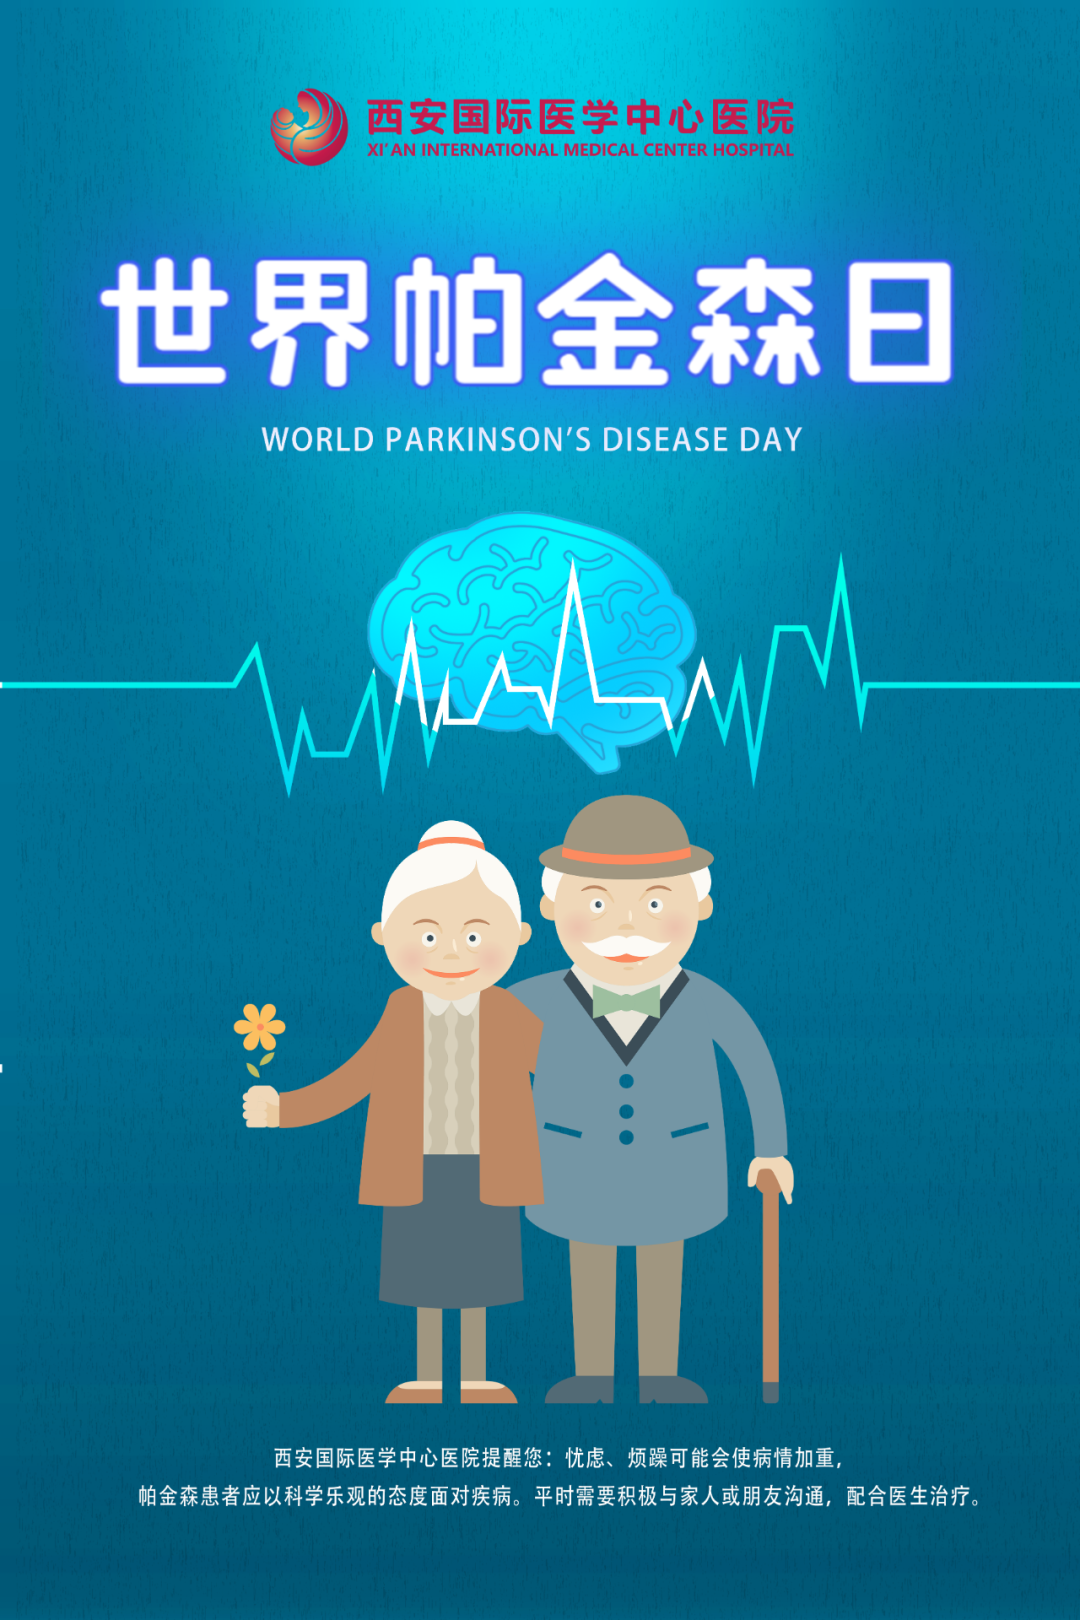 世界帕金森日 别大意,这些症状是帕金森病信号!